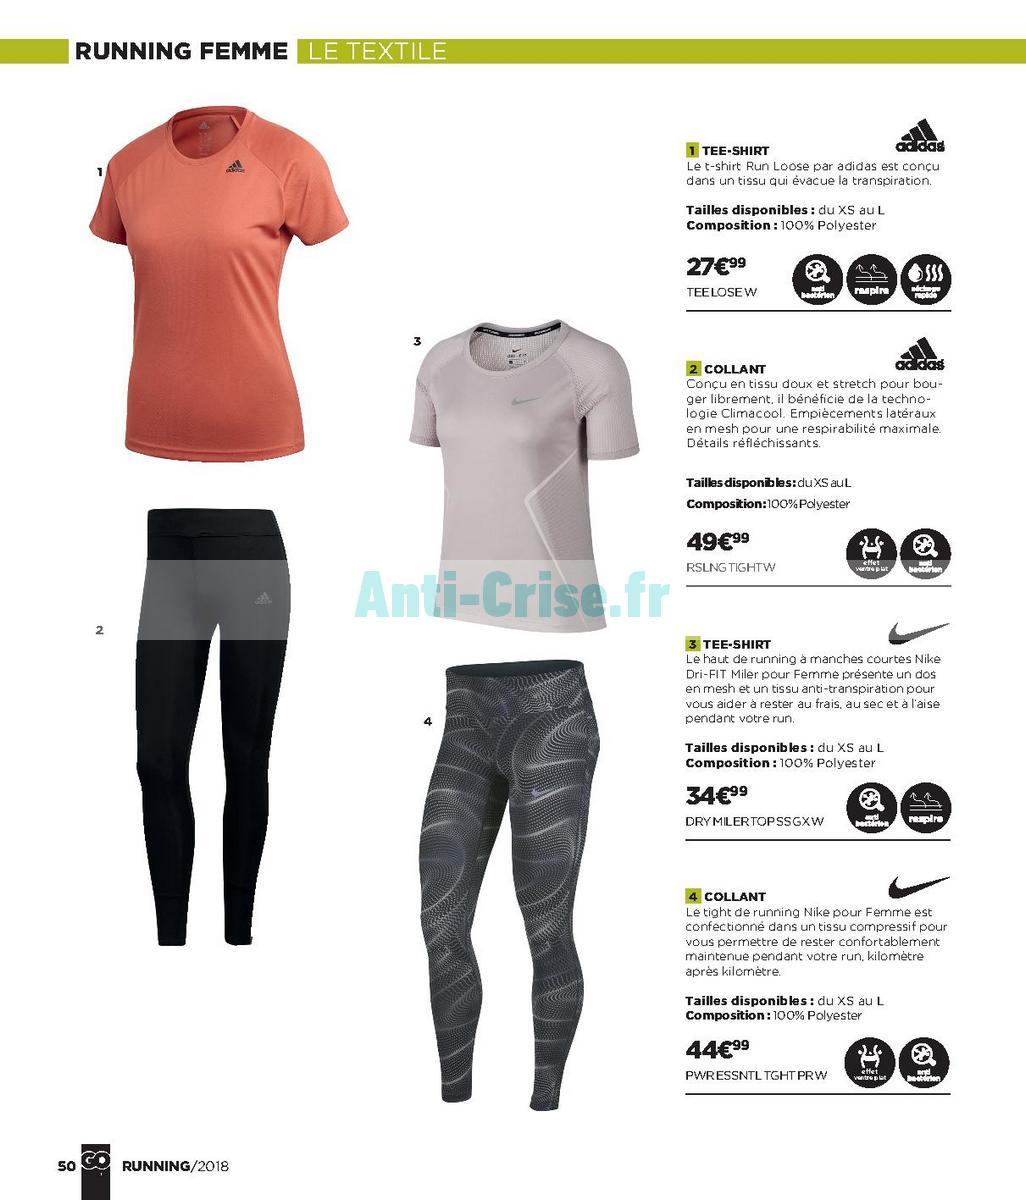 septembre2018 Catalogue Go Sport du 28 avril au 21 septembre 2018 (Running) (50)